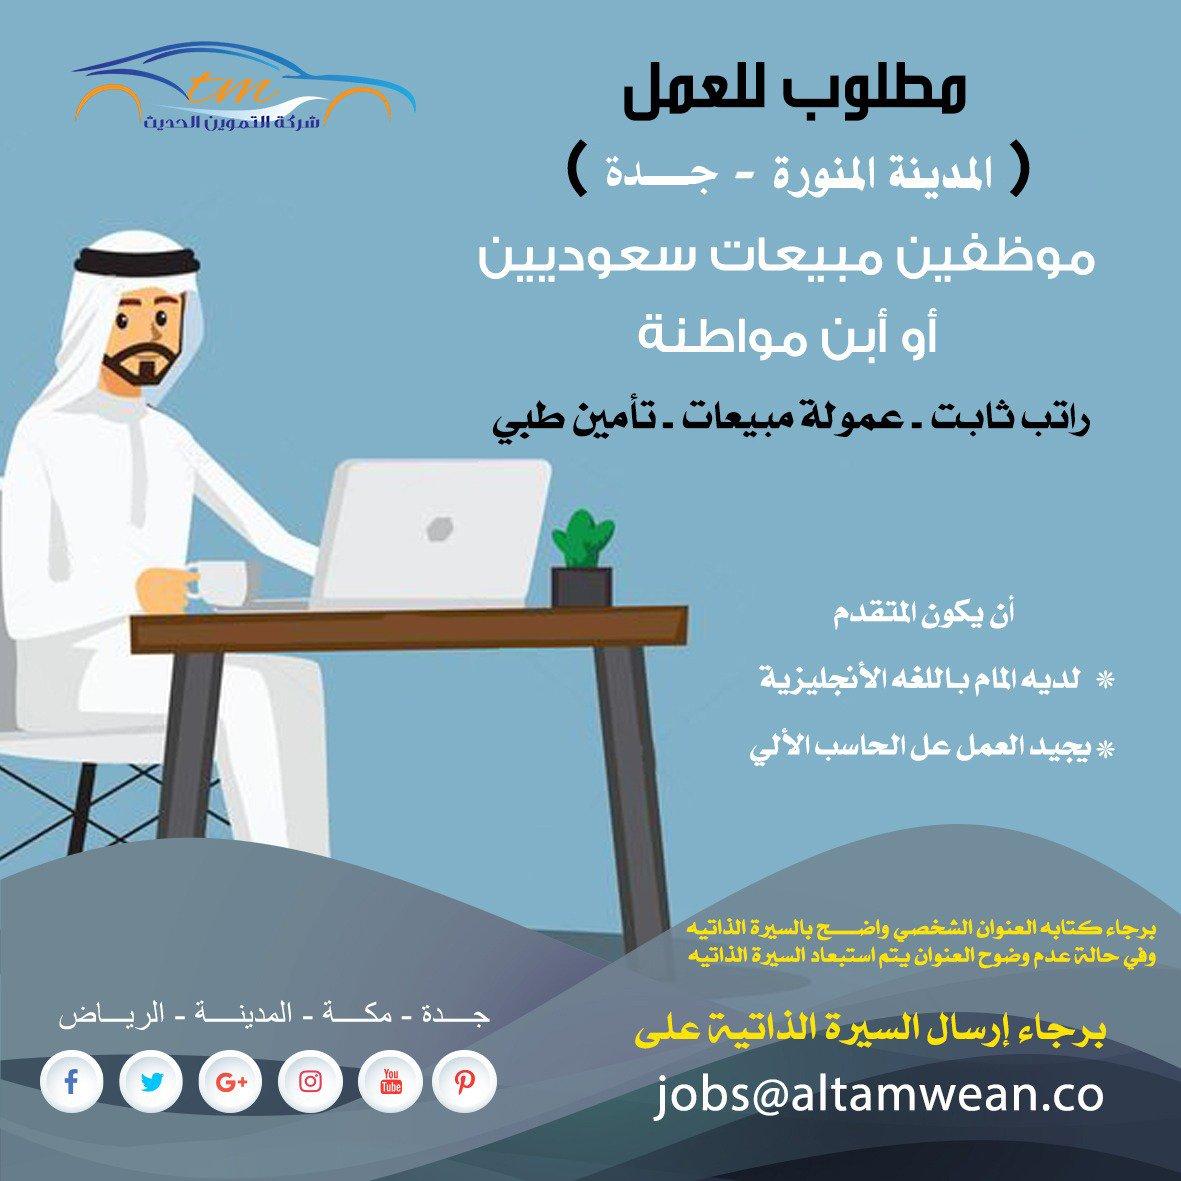 وظائف شاغرة بشركة التموين الحديث بجدة و المدينة المنورة   - موظفين مبيعات ( سعوديين أو ابن مواطنة )  #وظائف_جدة #وظائف_المدينة  @altamwean